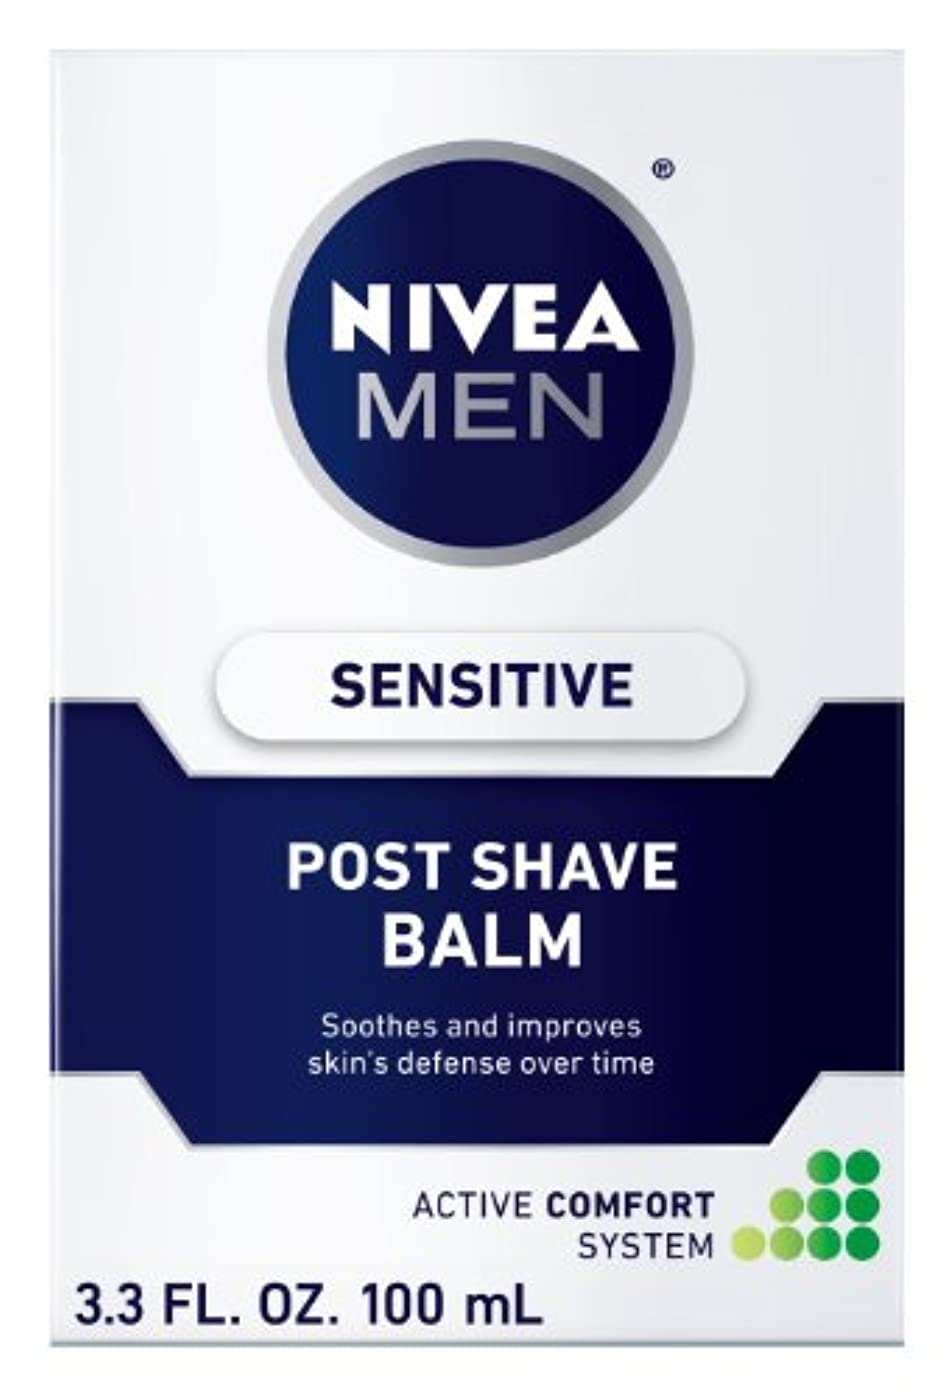 地下不合格望まない【海外直送】 男性用ニベア 敏感肌用 アフターシェーブバーム(100ml) Nivea for Men Sensitive Post Shave Balm (3.3oz)